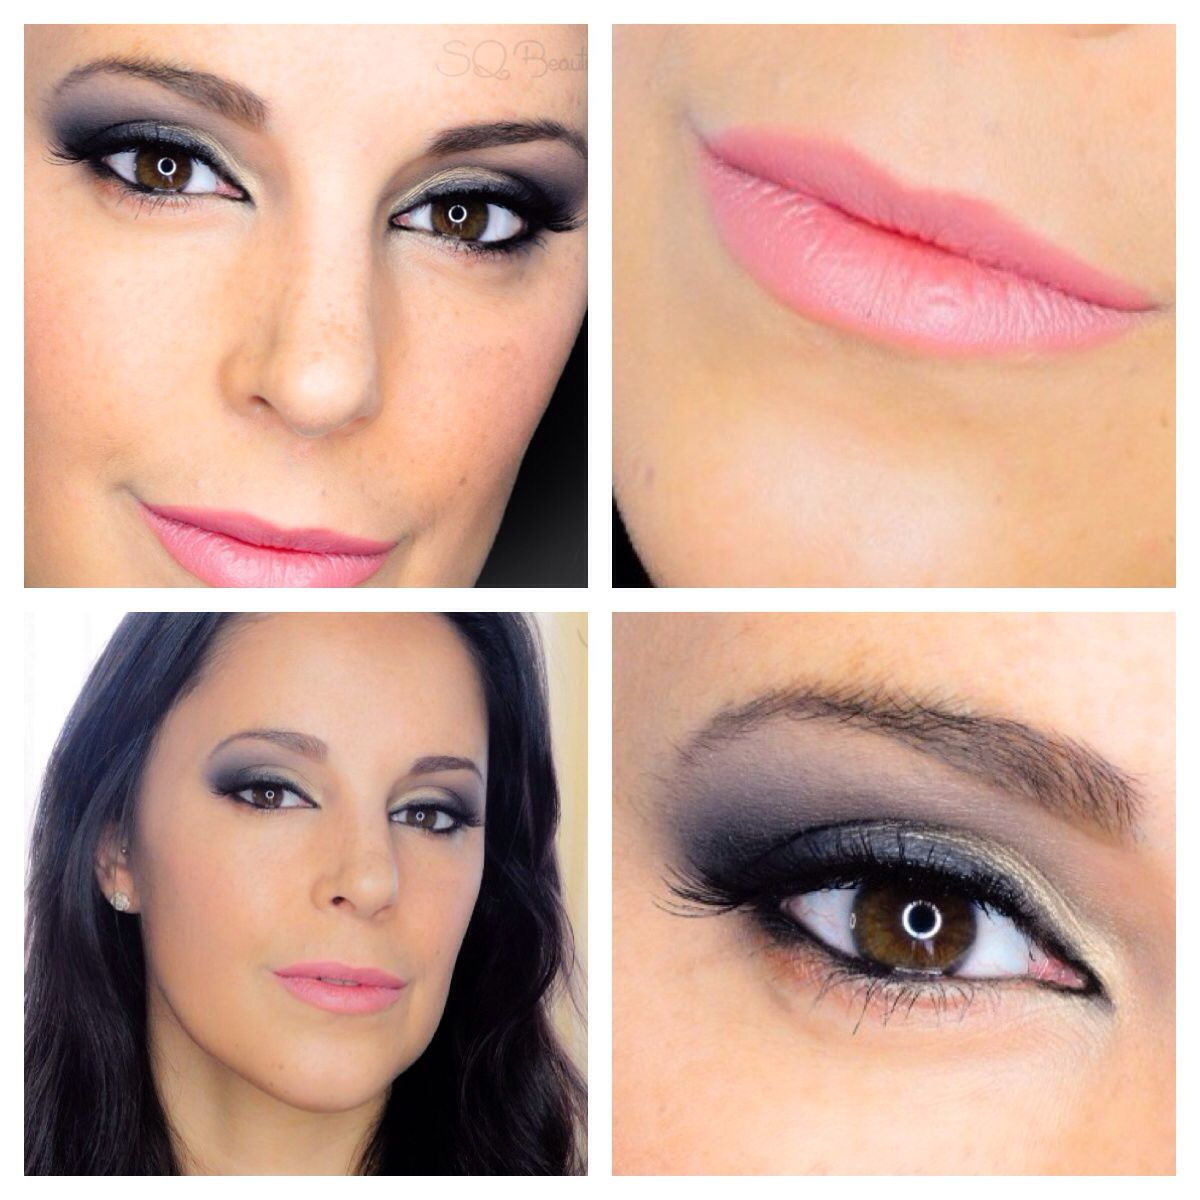 Maquillaje sexy inspirado en Kim Kardashian http://youtu.be/A7u0bsn-zjQ Makeup Kim Kardashian inspired sexy Makeup http://youtu.be/_-Os1Hqd2Qc